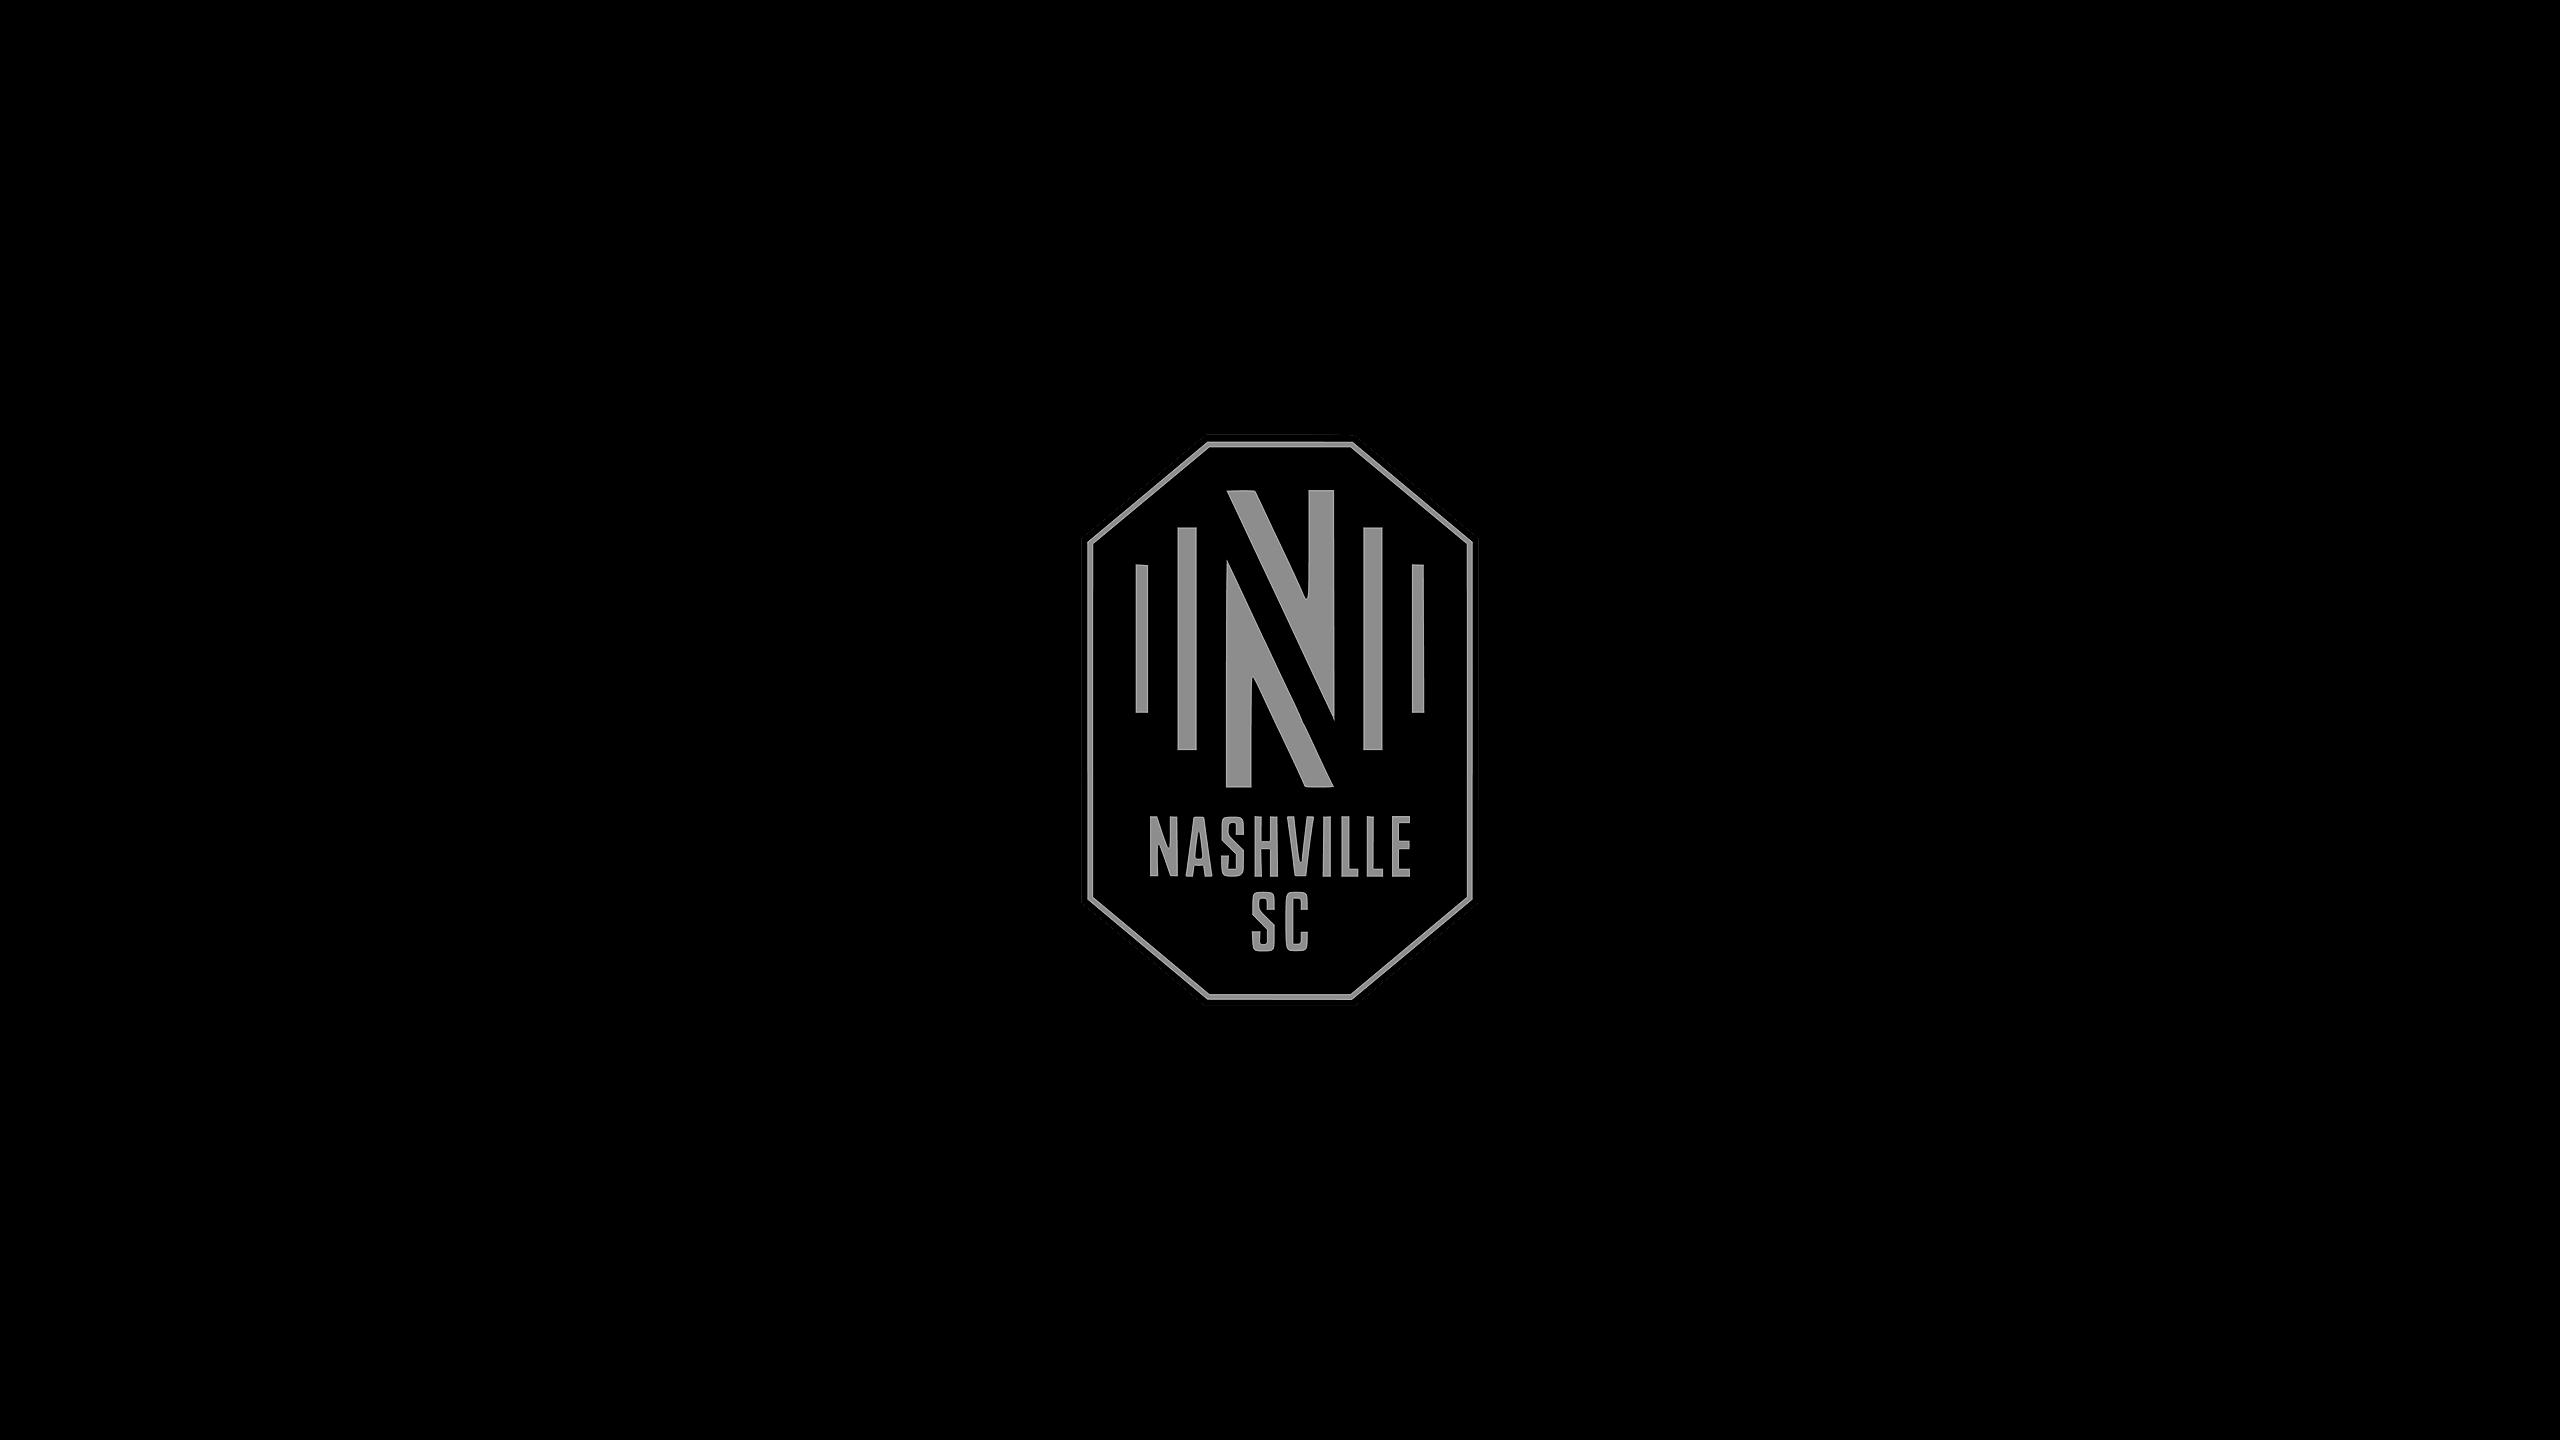 Nashville SC (Away)